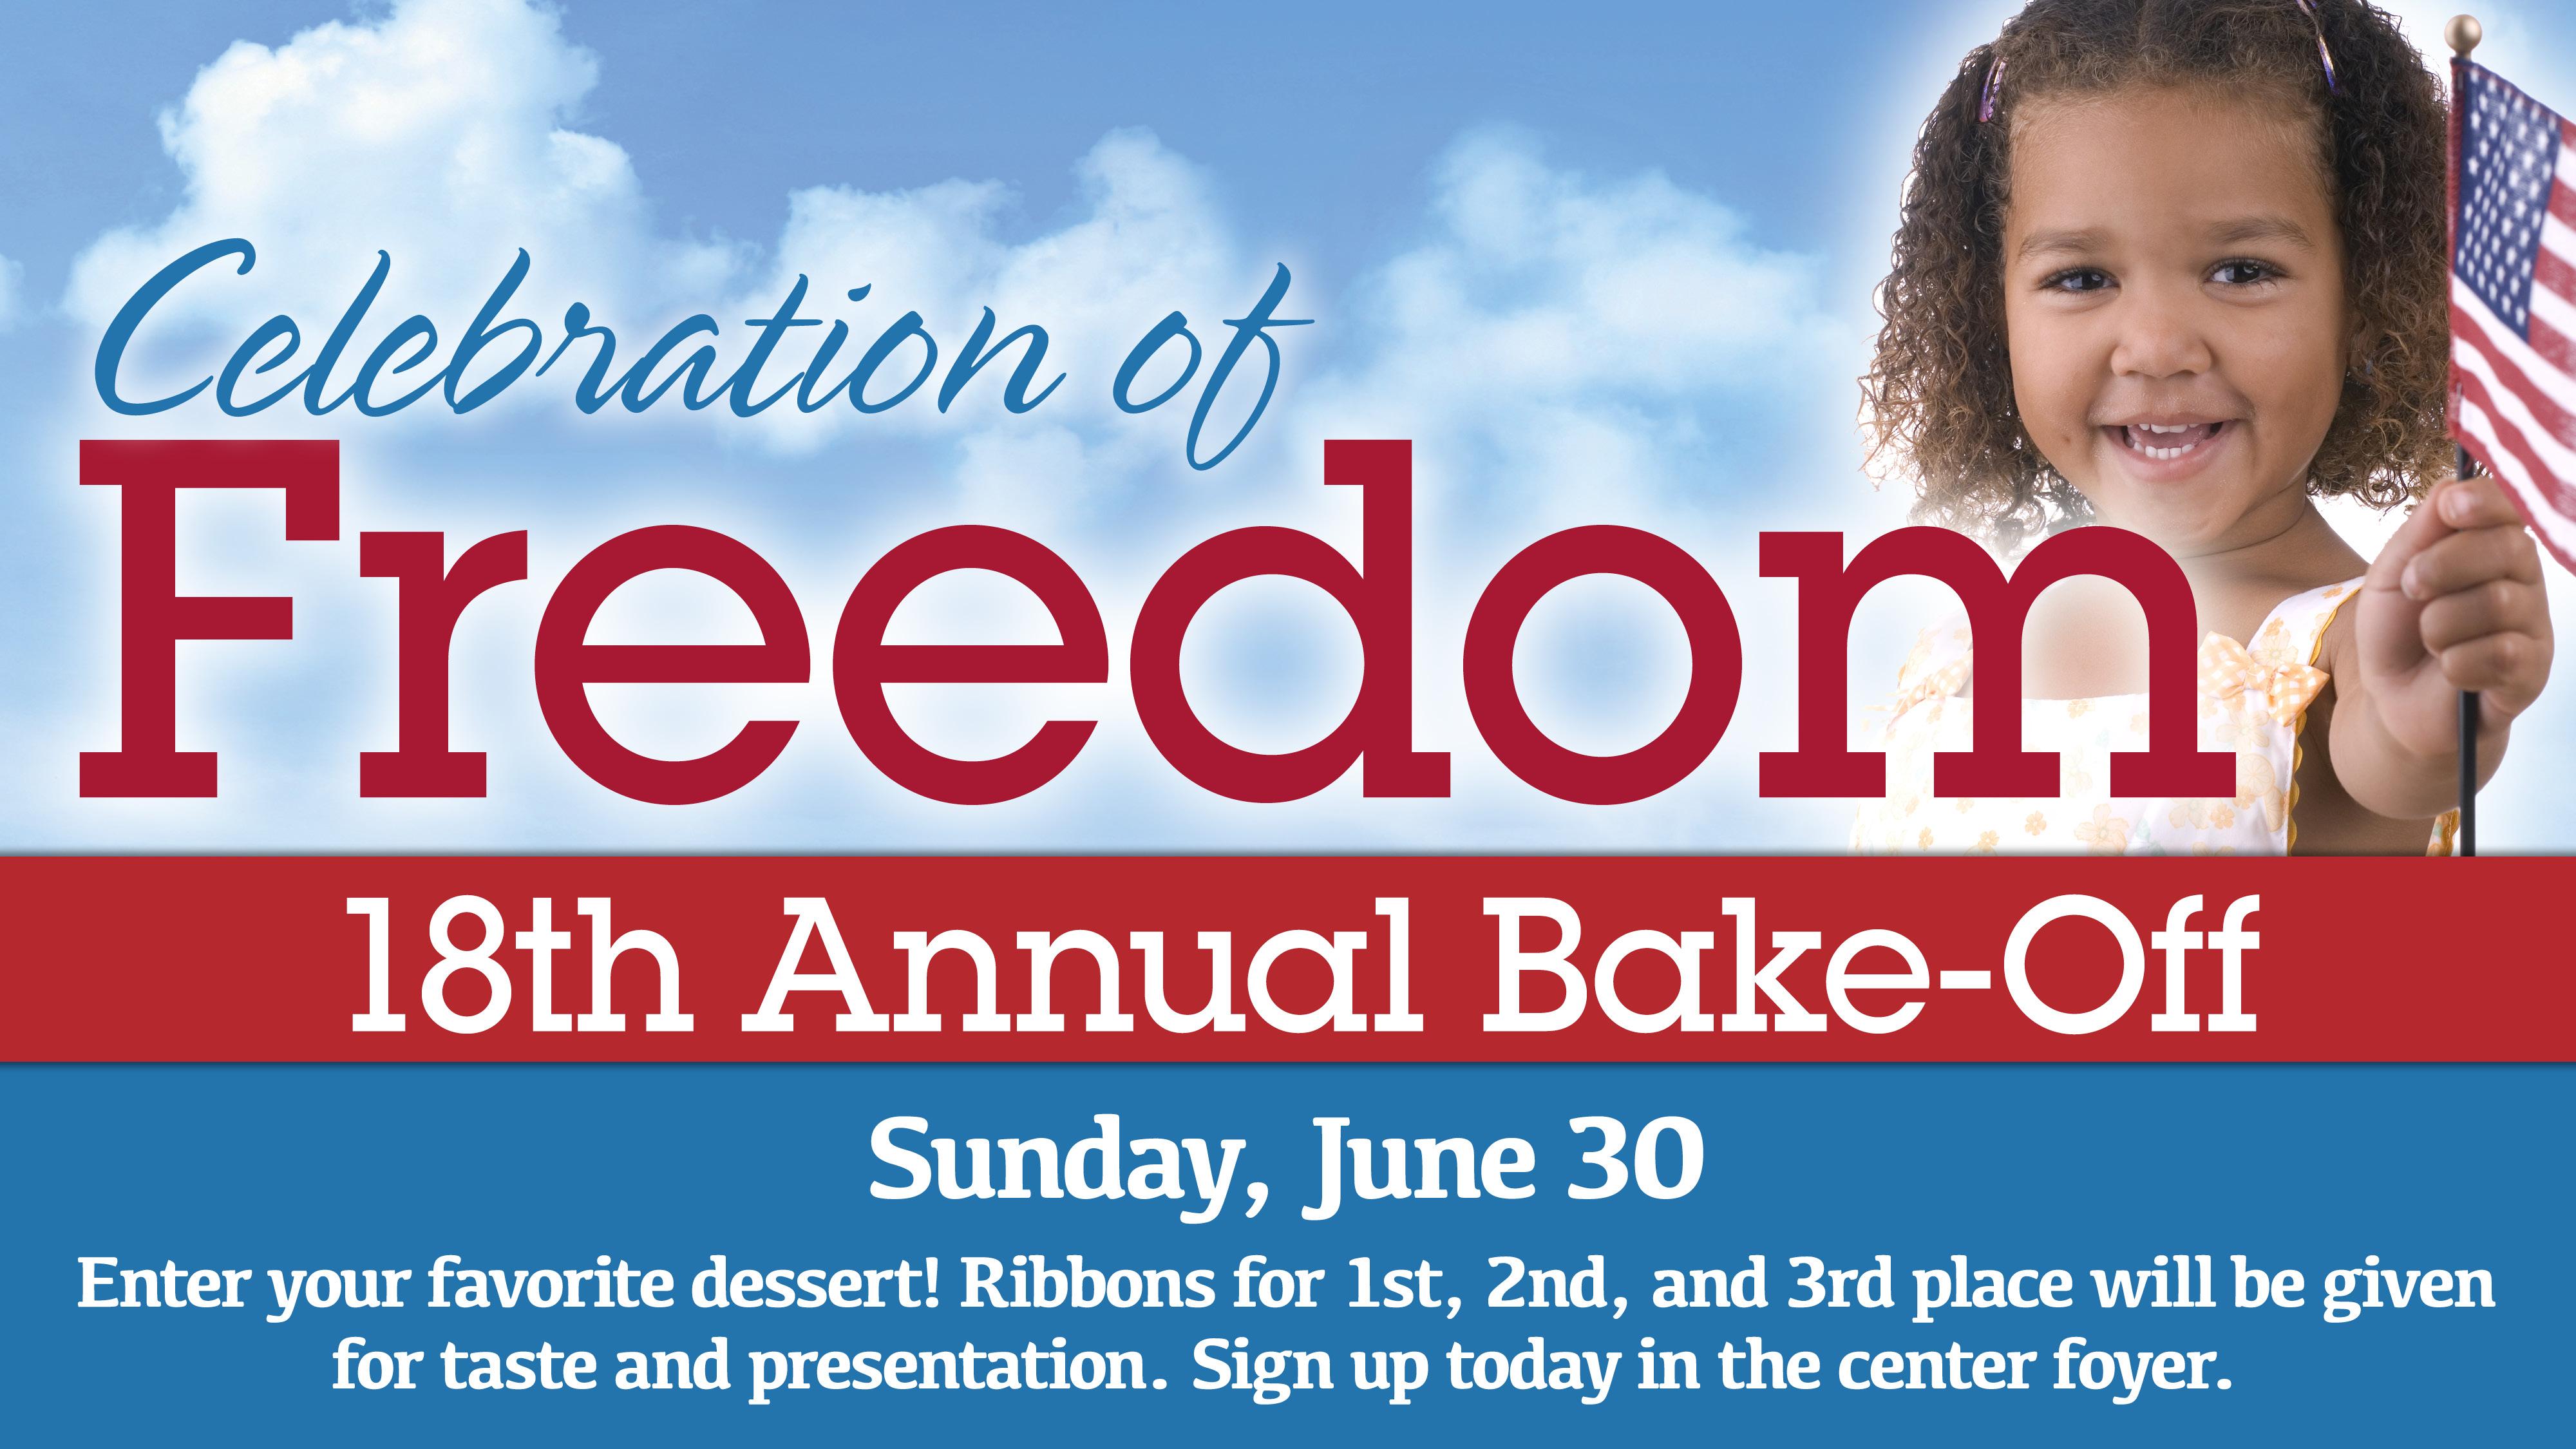 Celebration of Freedom Bake Off